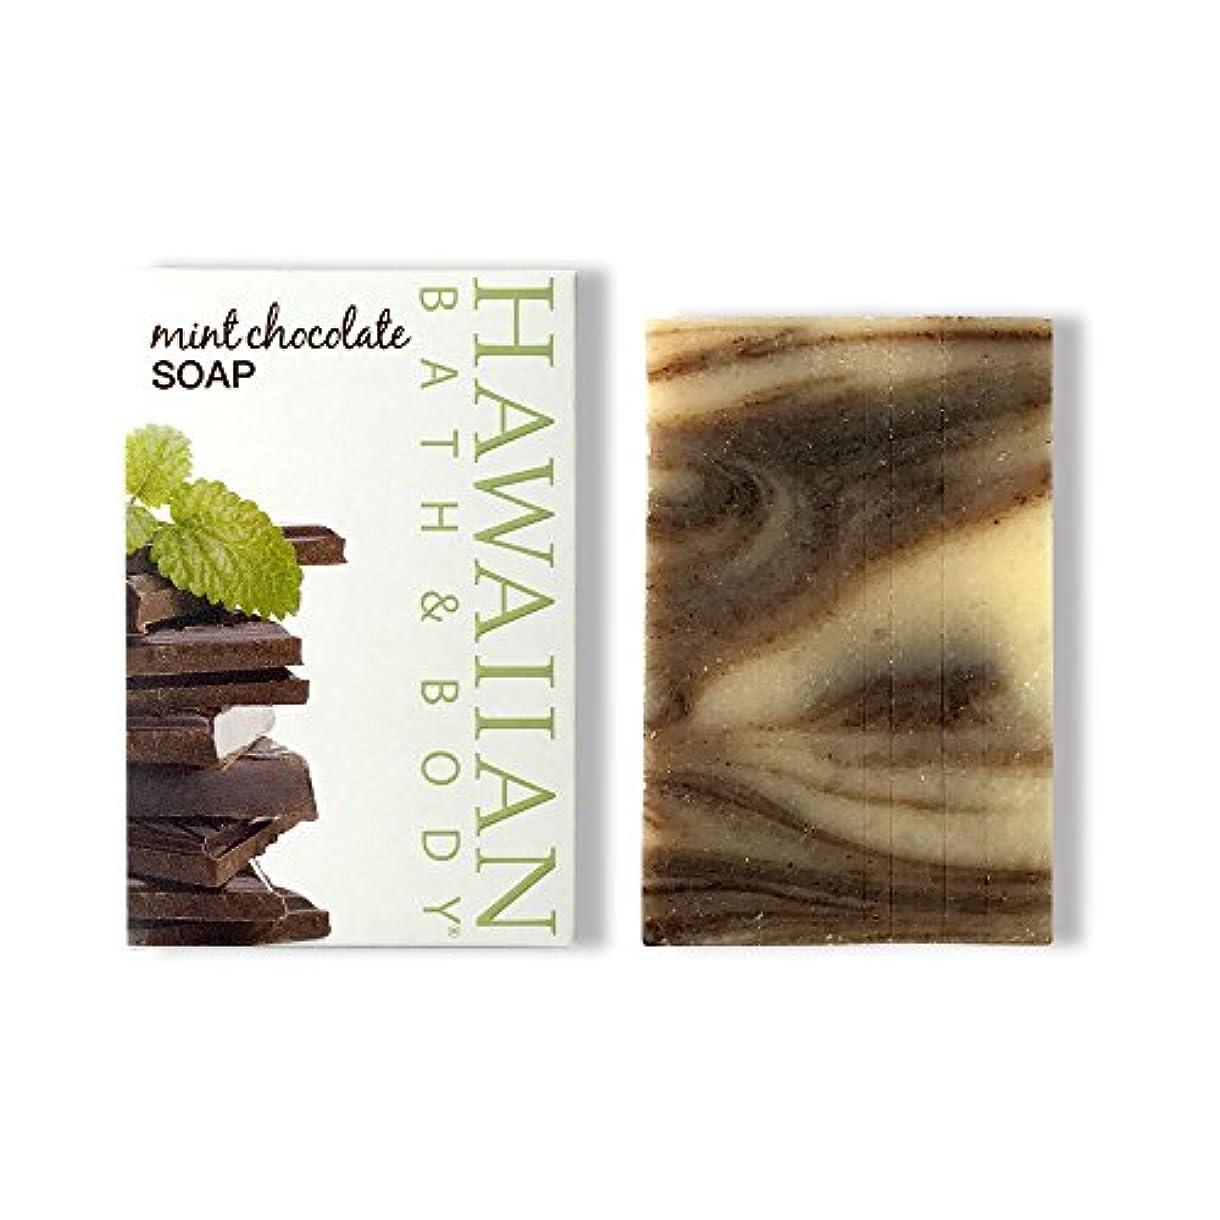 組立適合する倫理的ハワイアンバス&ボディ ハワイアン?ミントチョコレートソープ ( Hawaii Mint Chocolate Soap )